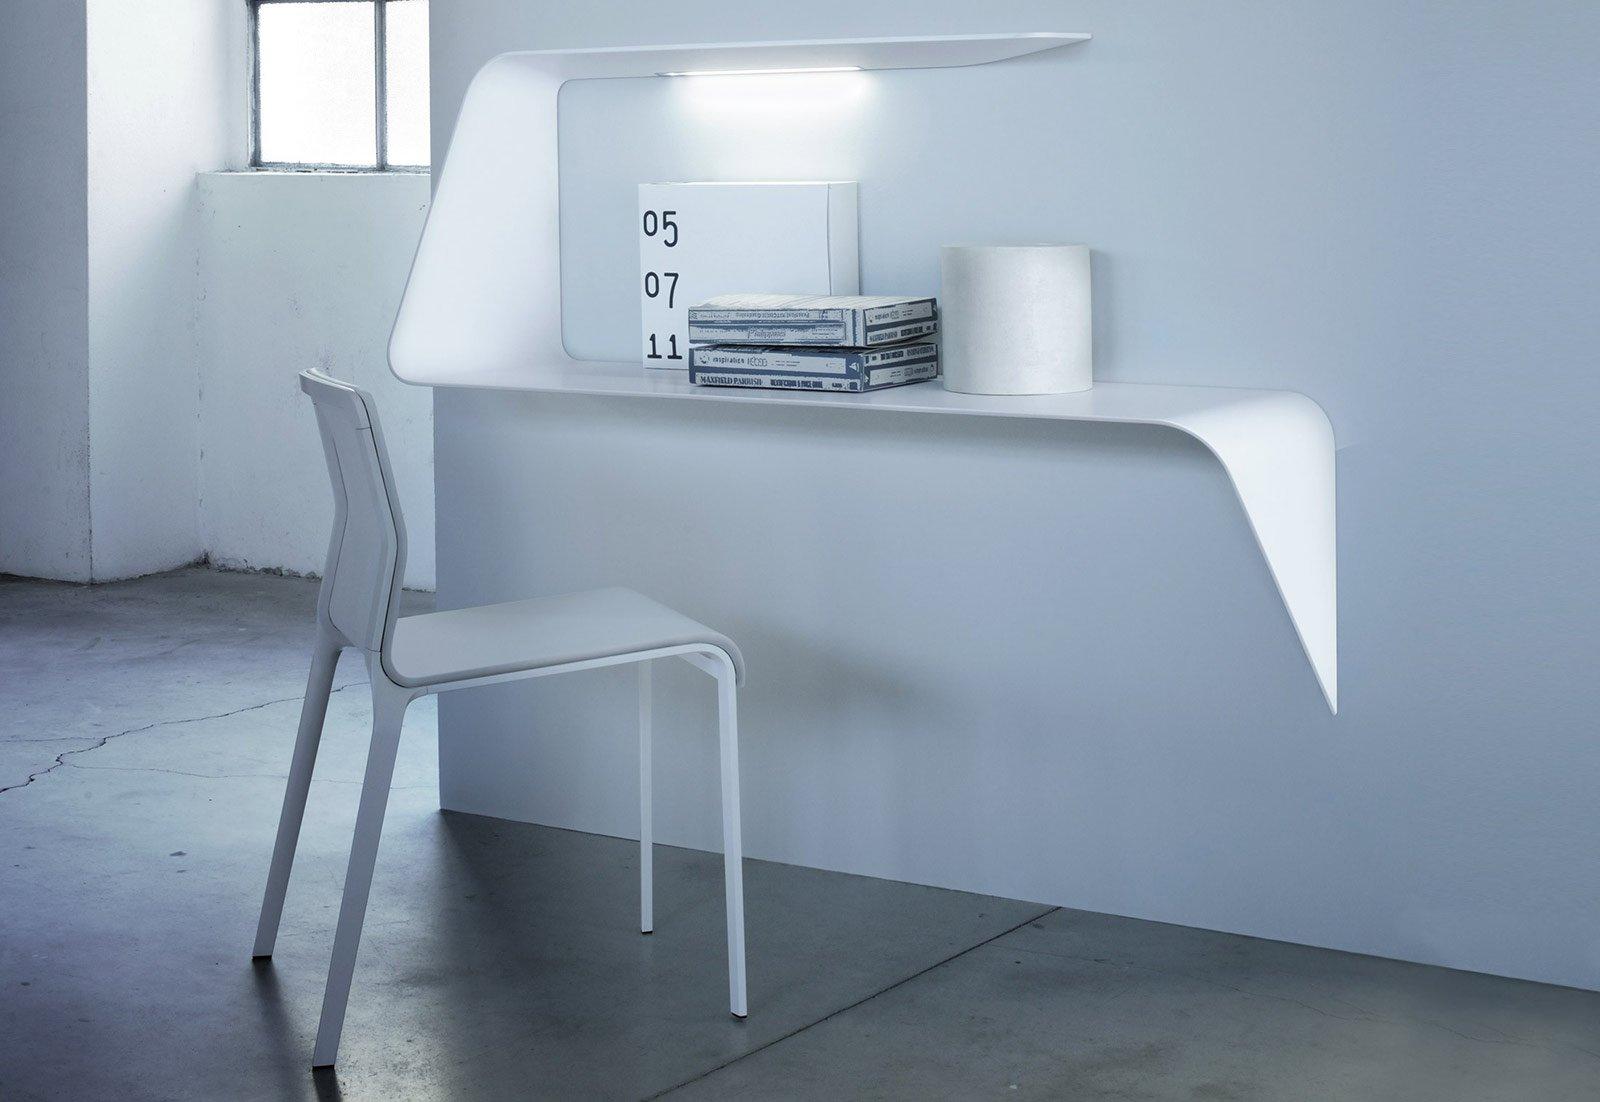 Console per sfruttare bene lo spazio cose di casa - Consolle per camera da letto ...